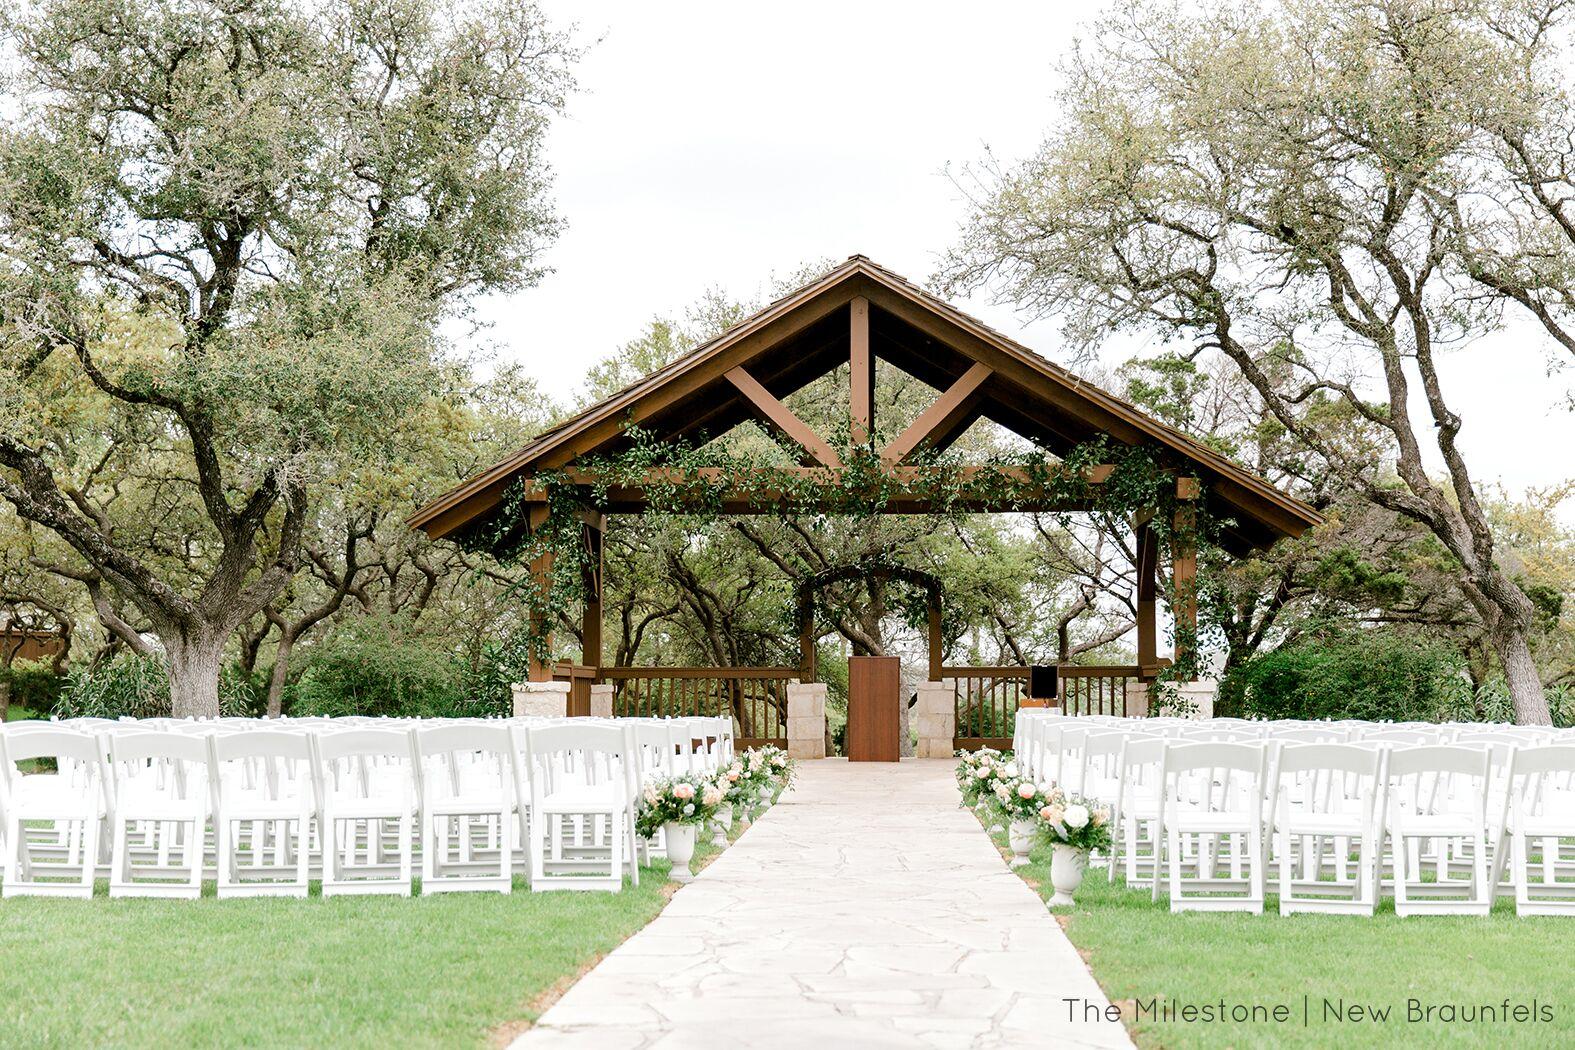 Schn Wedding Reception Austin Tx Fotos Brautkleider Ideen